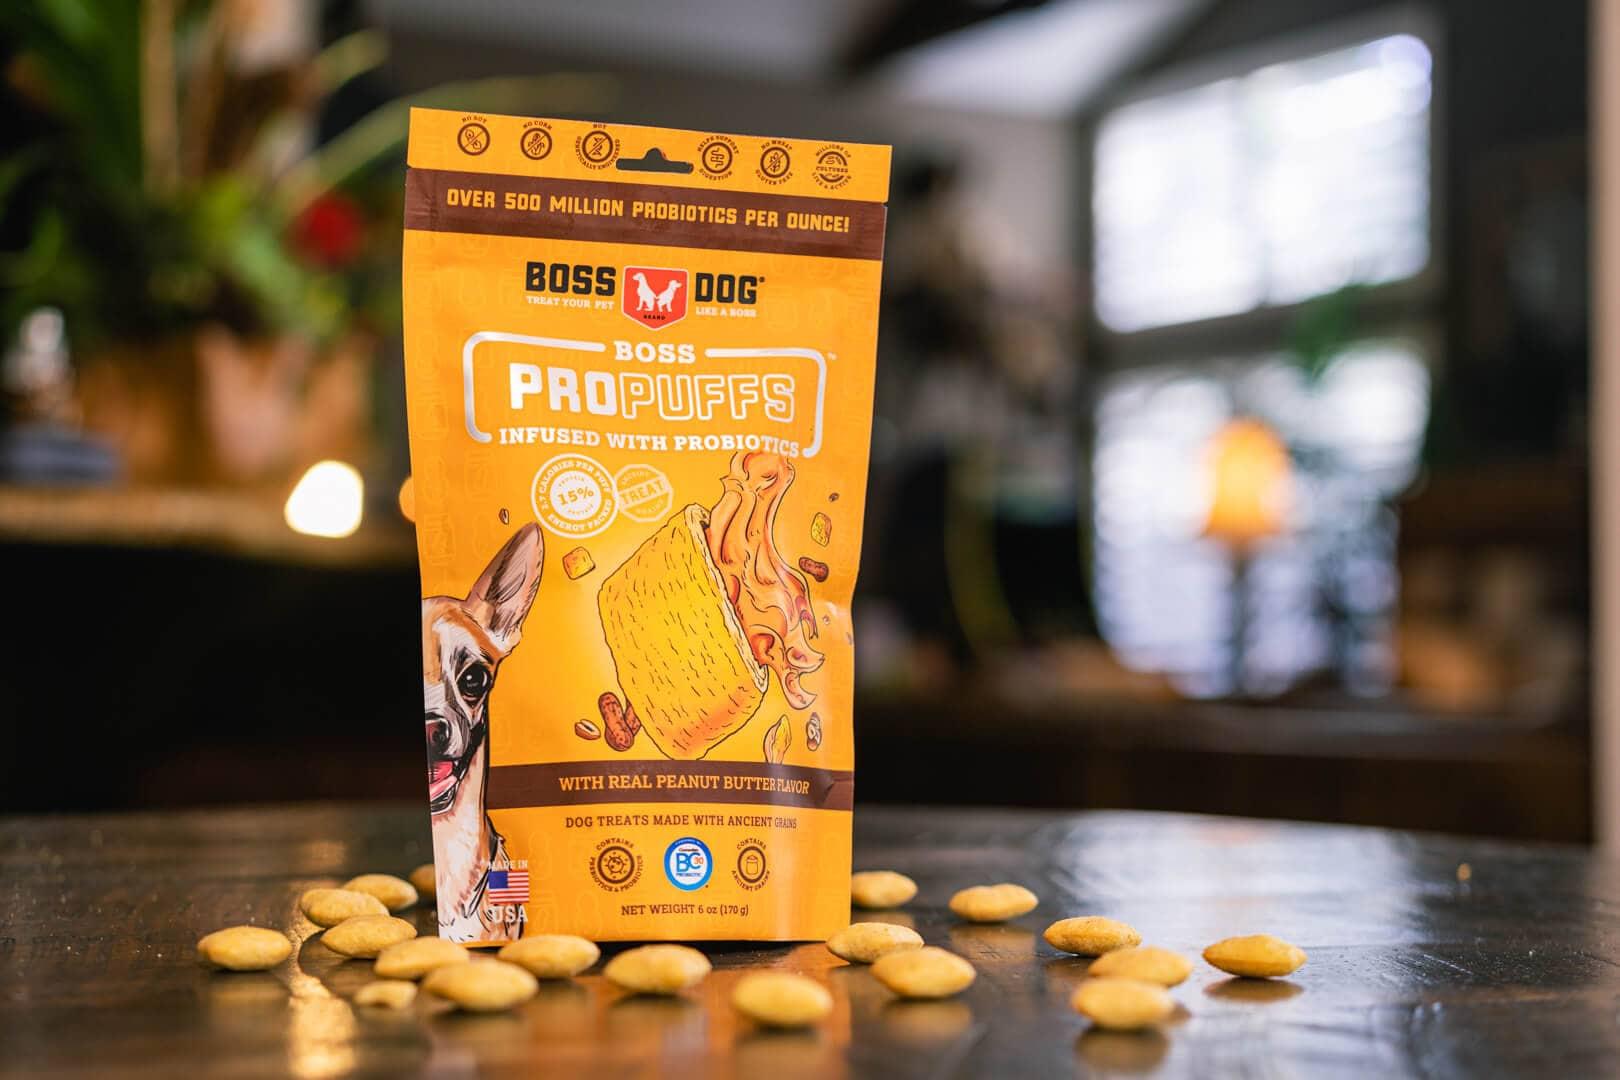 Boss Dog ProPuffs Peanut Butter Flavored Dog Treats, 6-oz